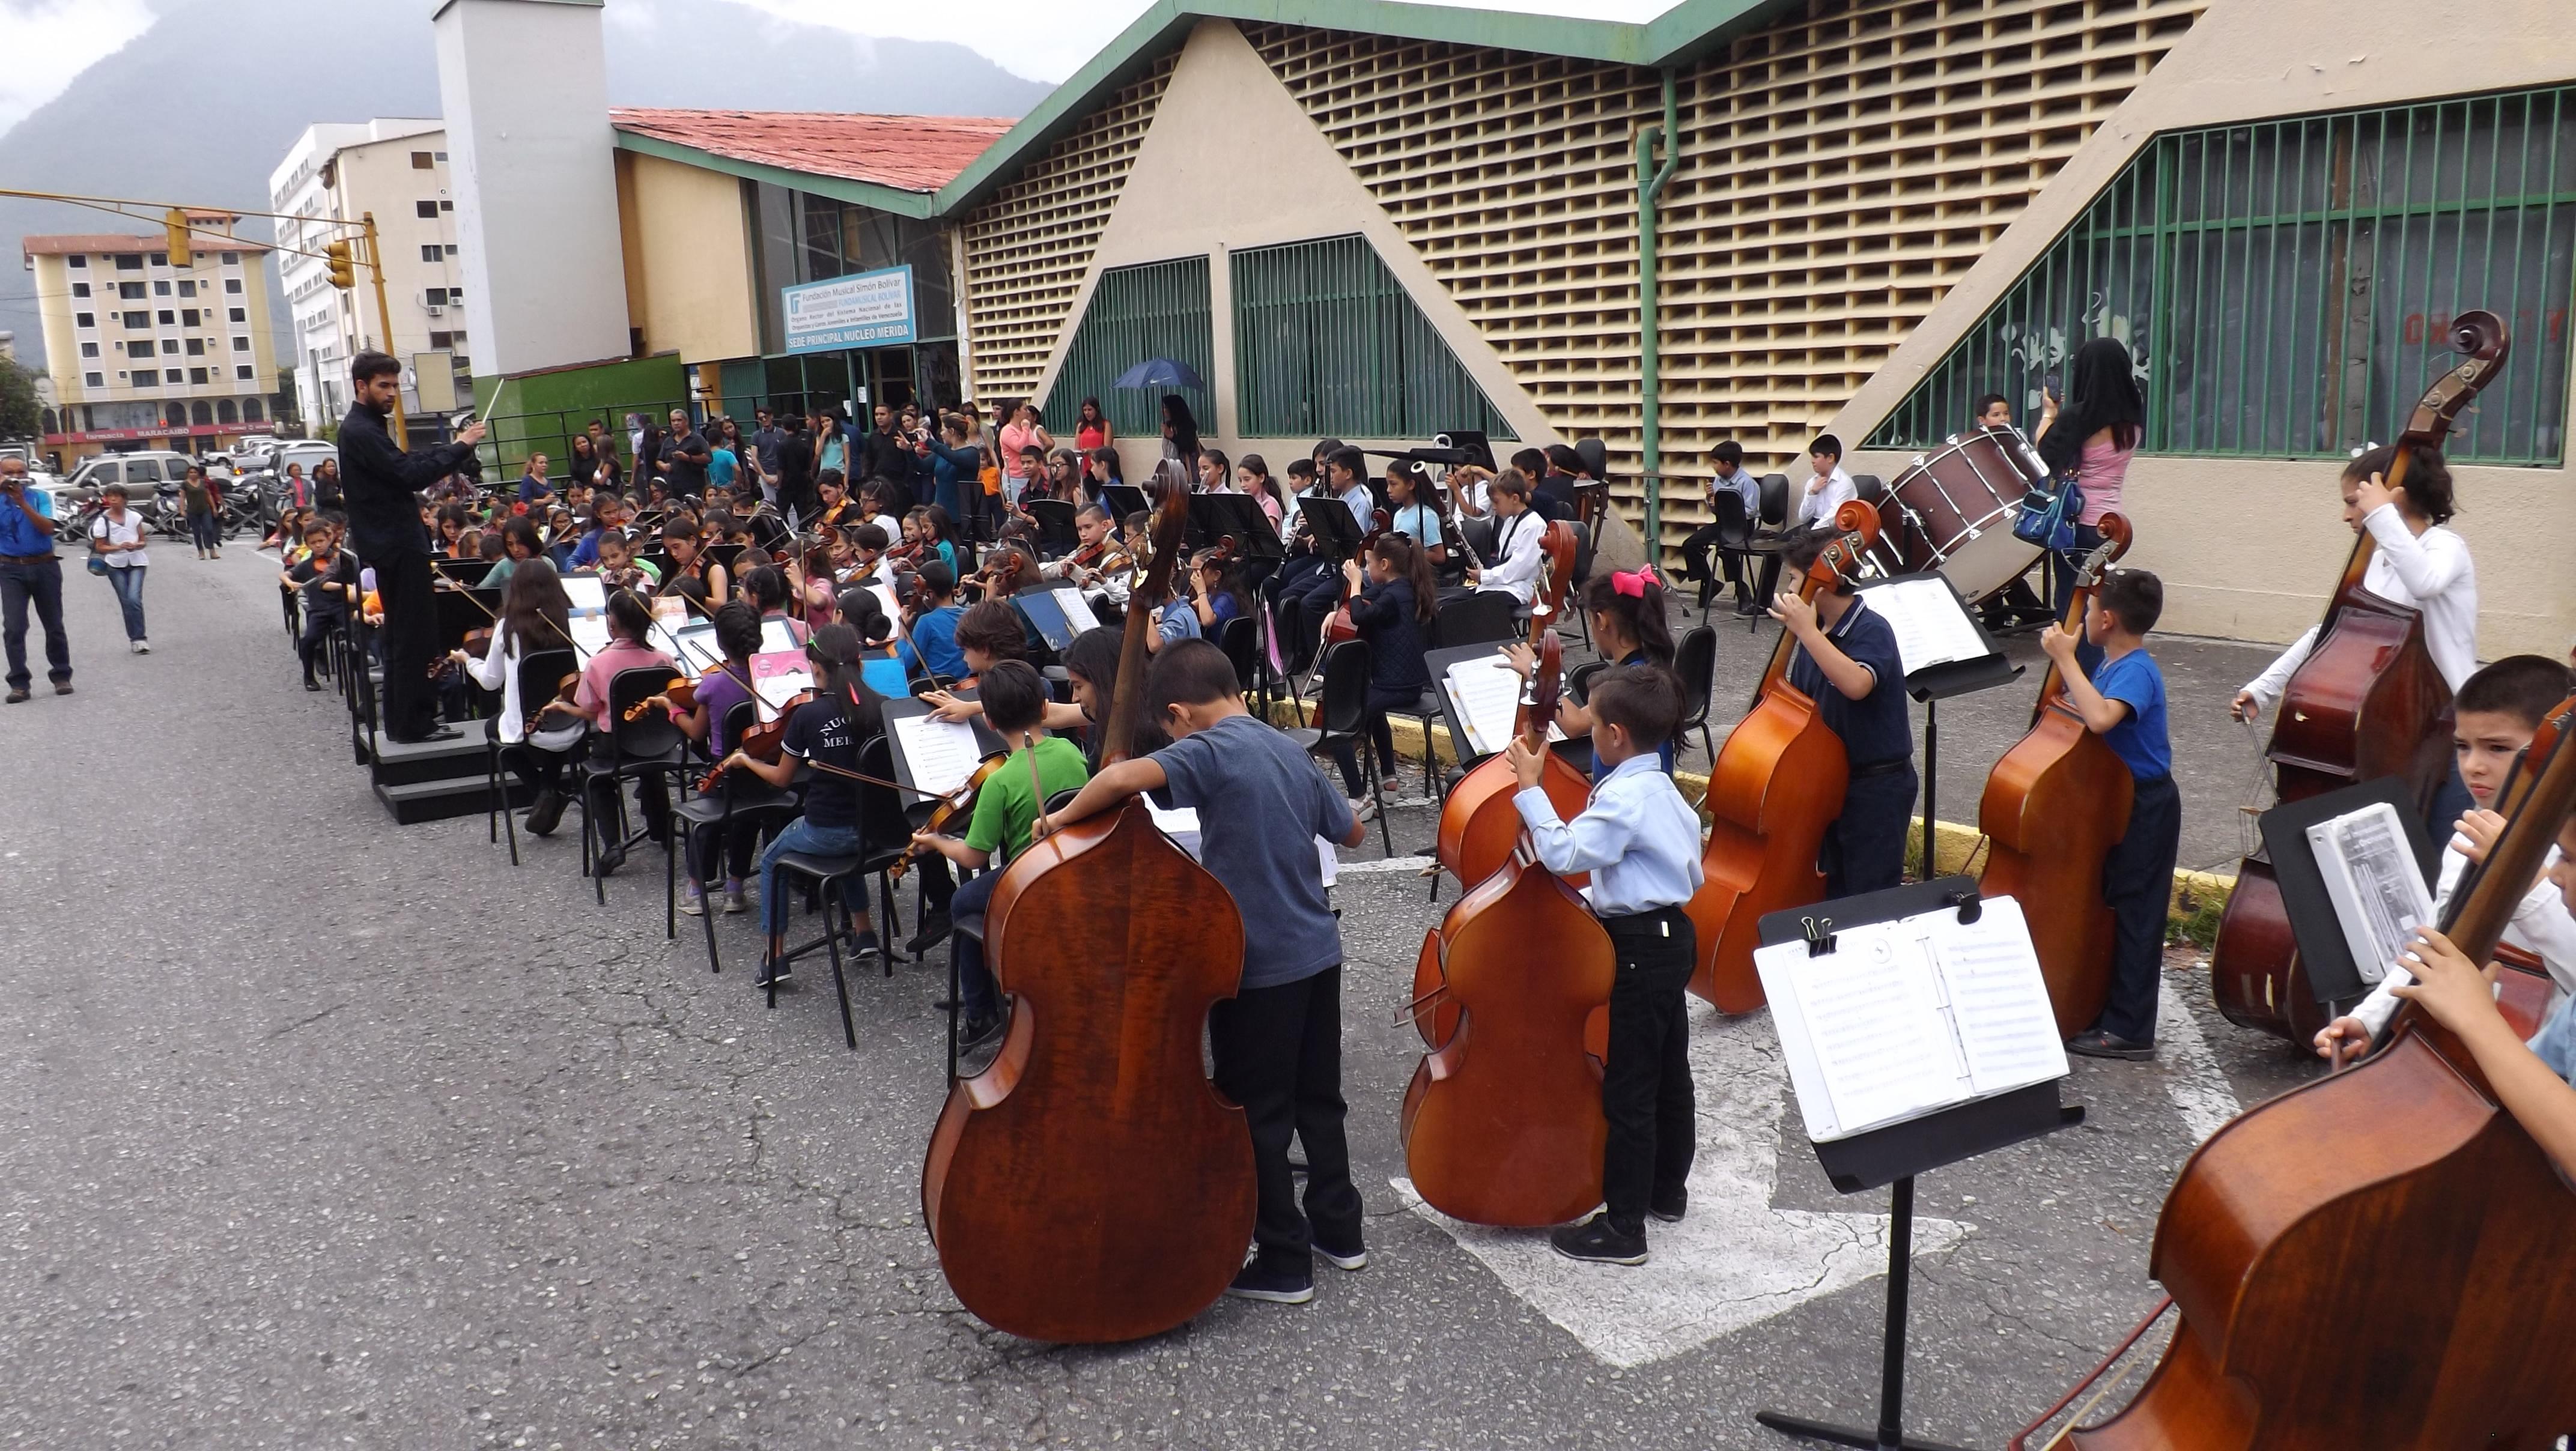 Cátedras Musicales De Mérida Brindaron Homenaje A El Sistema Por 41 Años De Trabajo En La Región